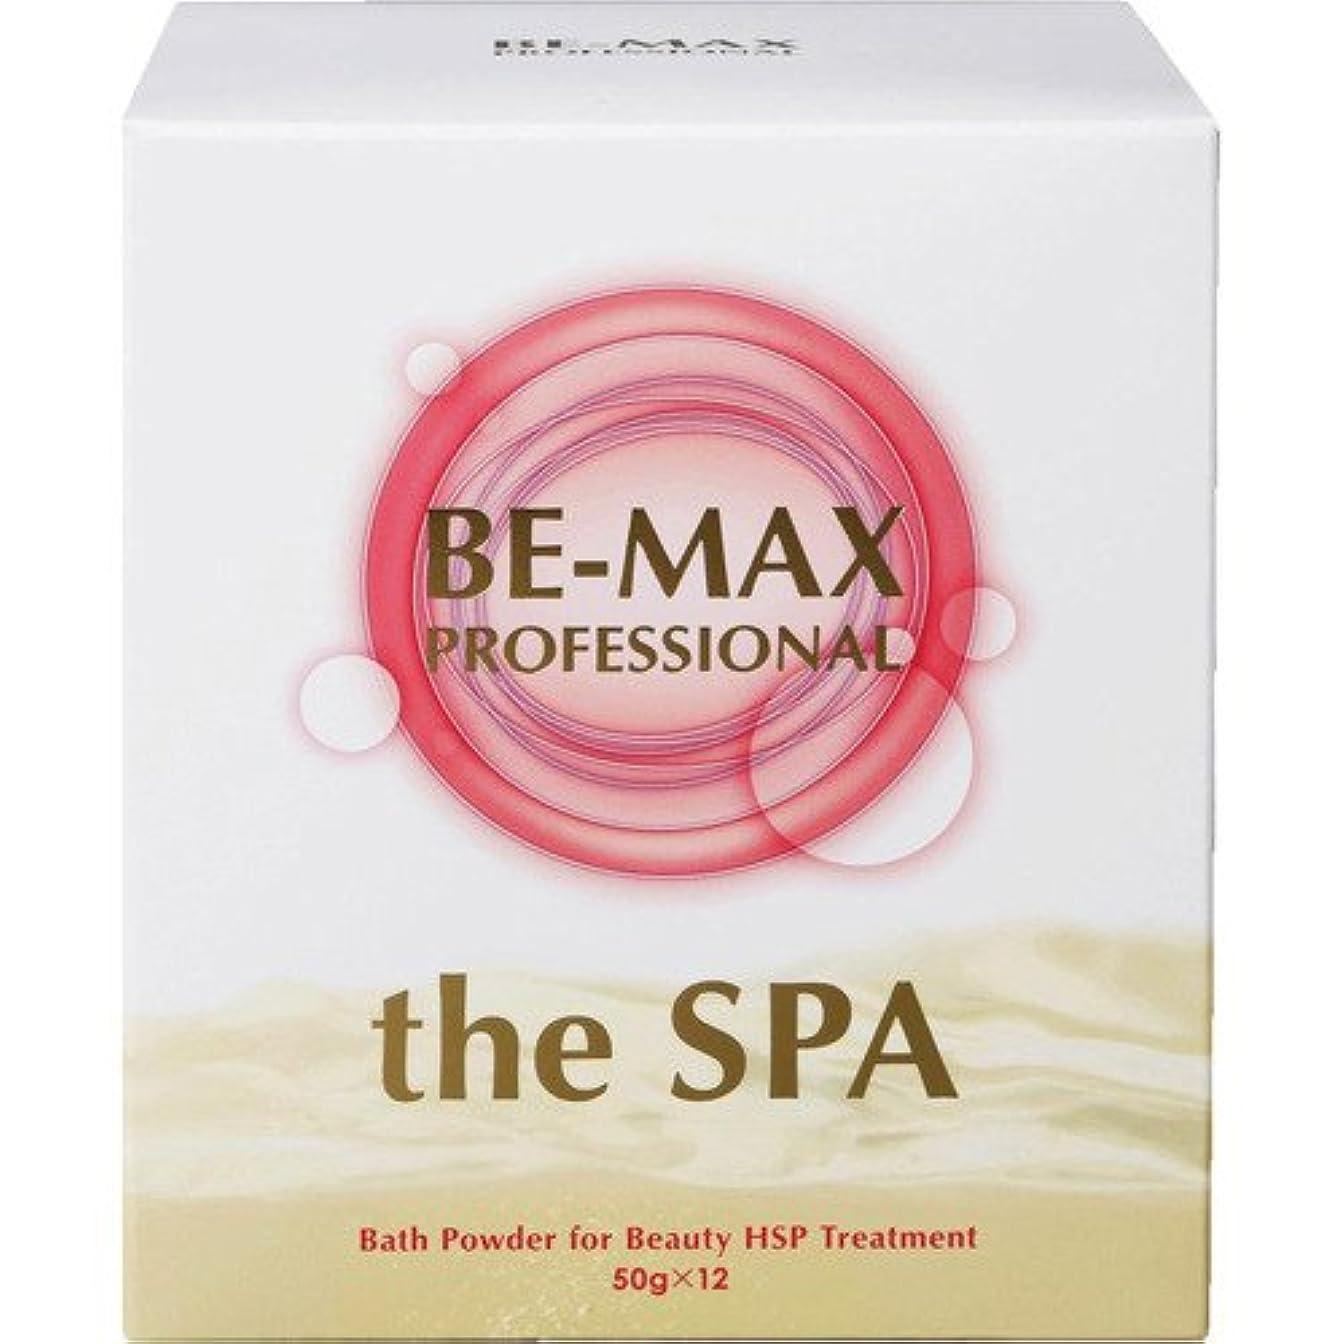 汚れるリビジョン父方のBE-MAX the SPA 入浴剤 柑橘系ハーブ精油がふわりと香る微炭酸湯